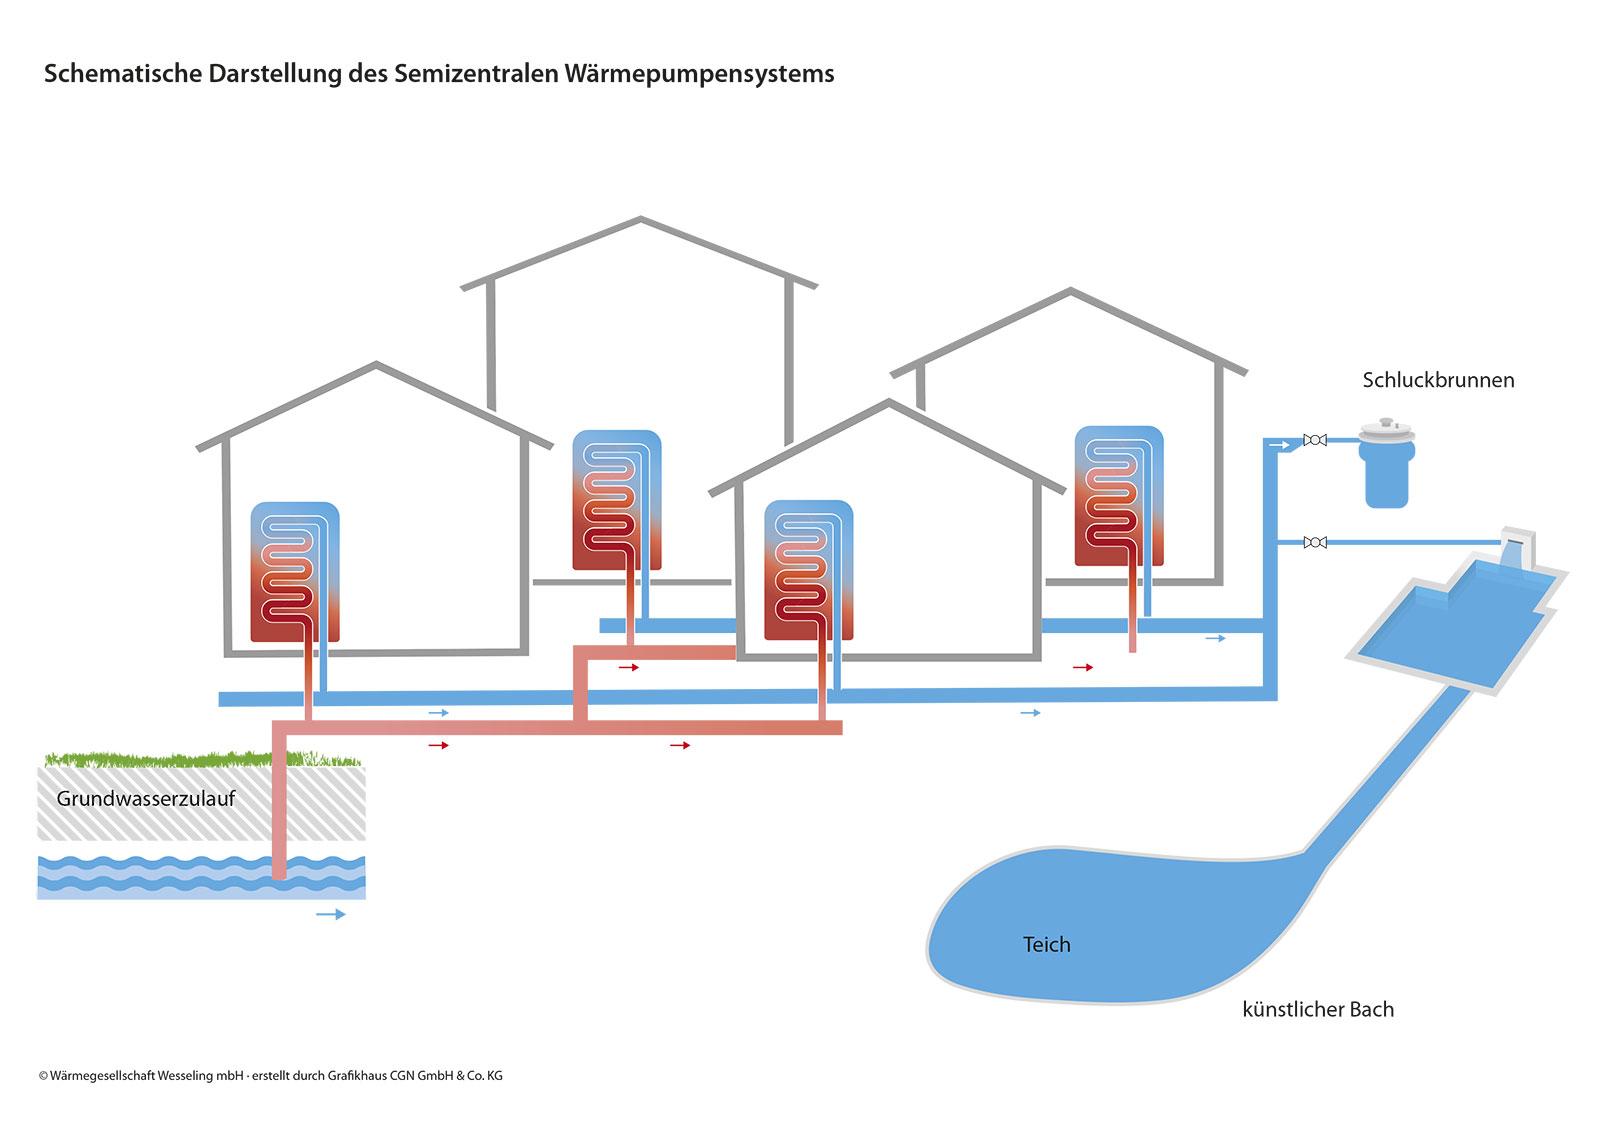 Schematische Darstellung des Semizentralen Wärmepumpensystems